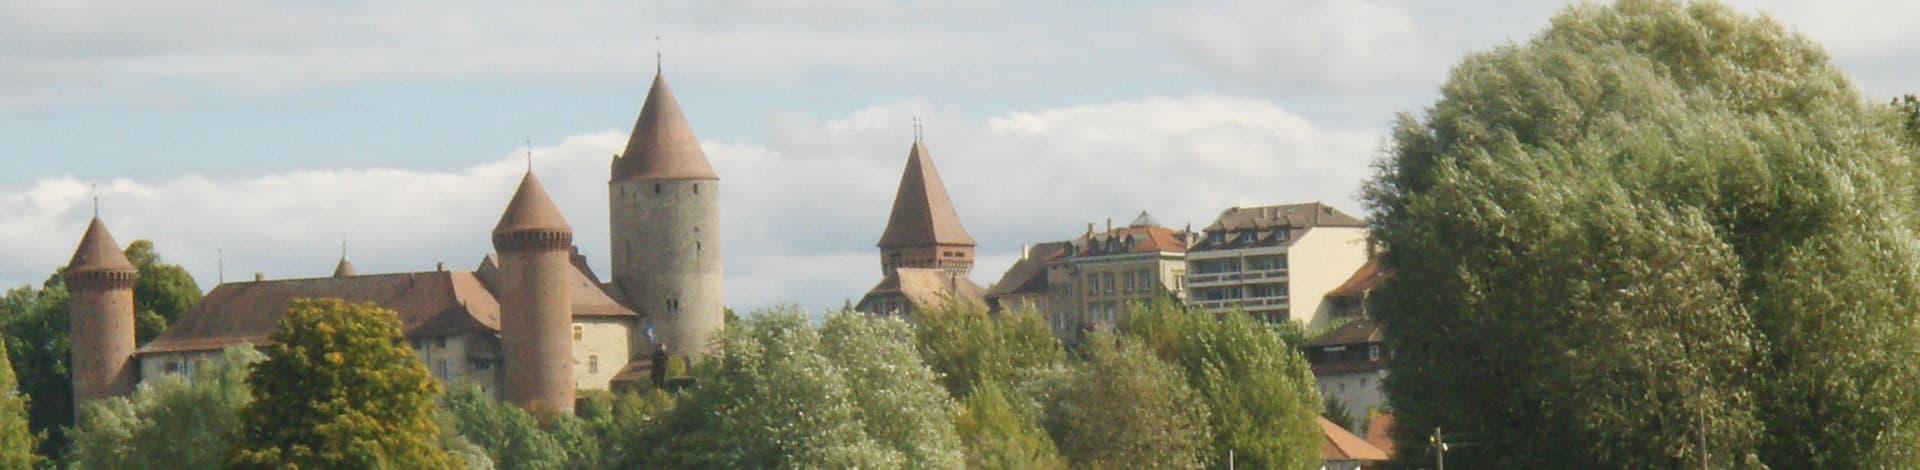 le château de la Broye Nord